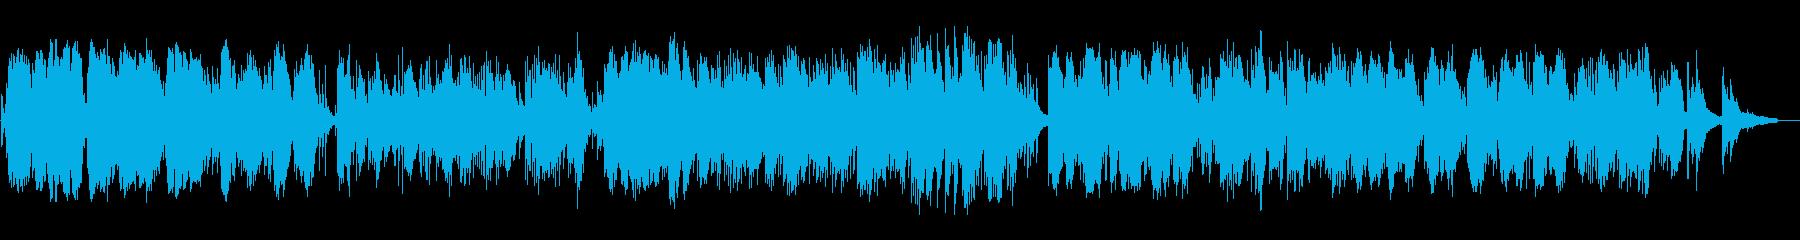 穏やかな物語調のピアノソロの再生済みの波形